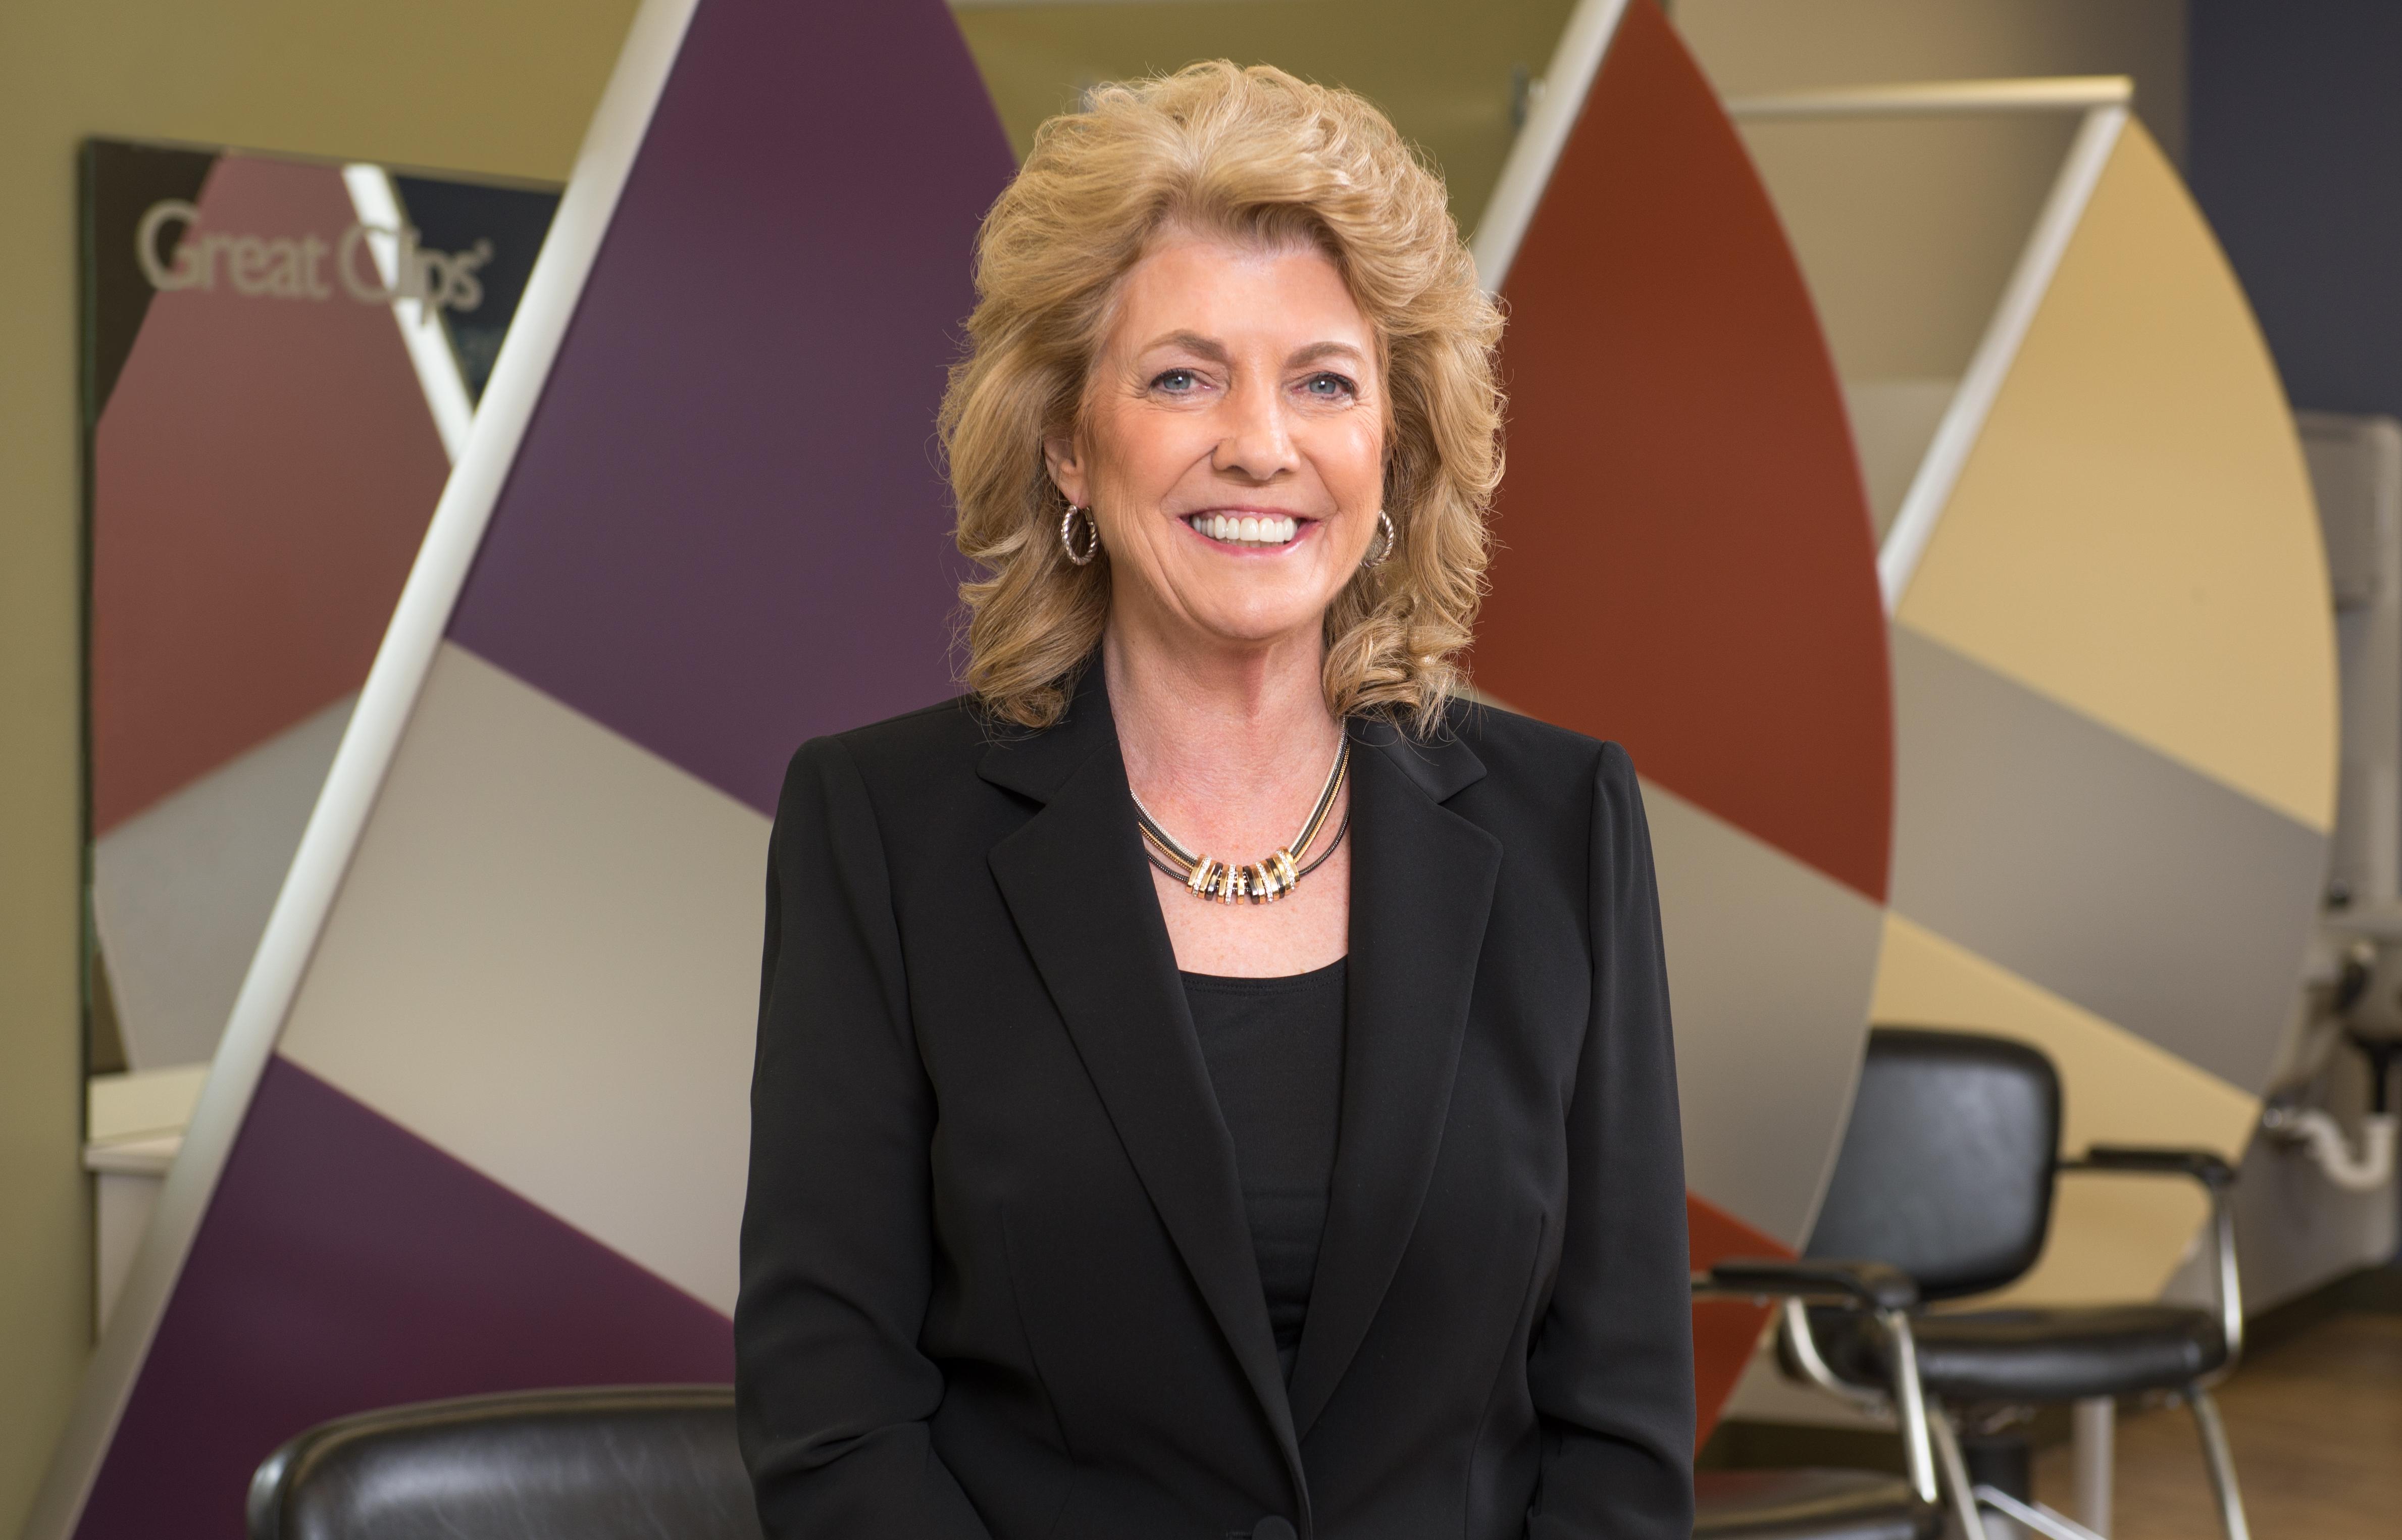 Rhoda Olsen